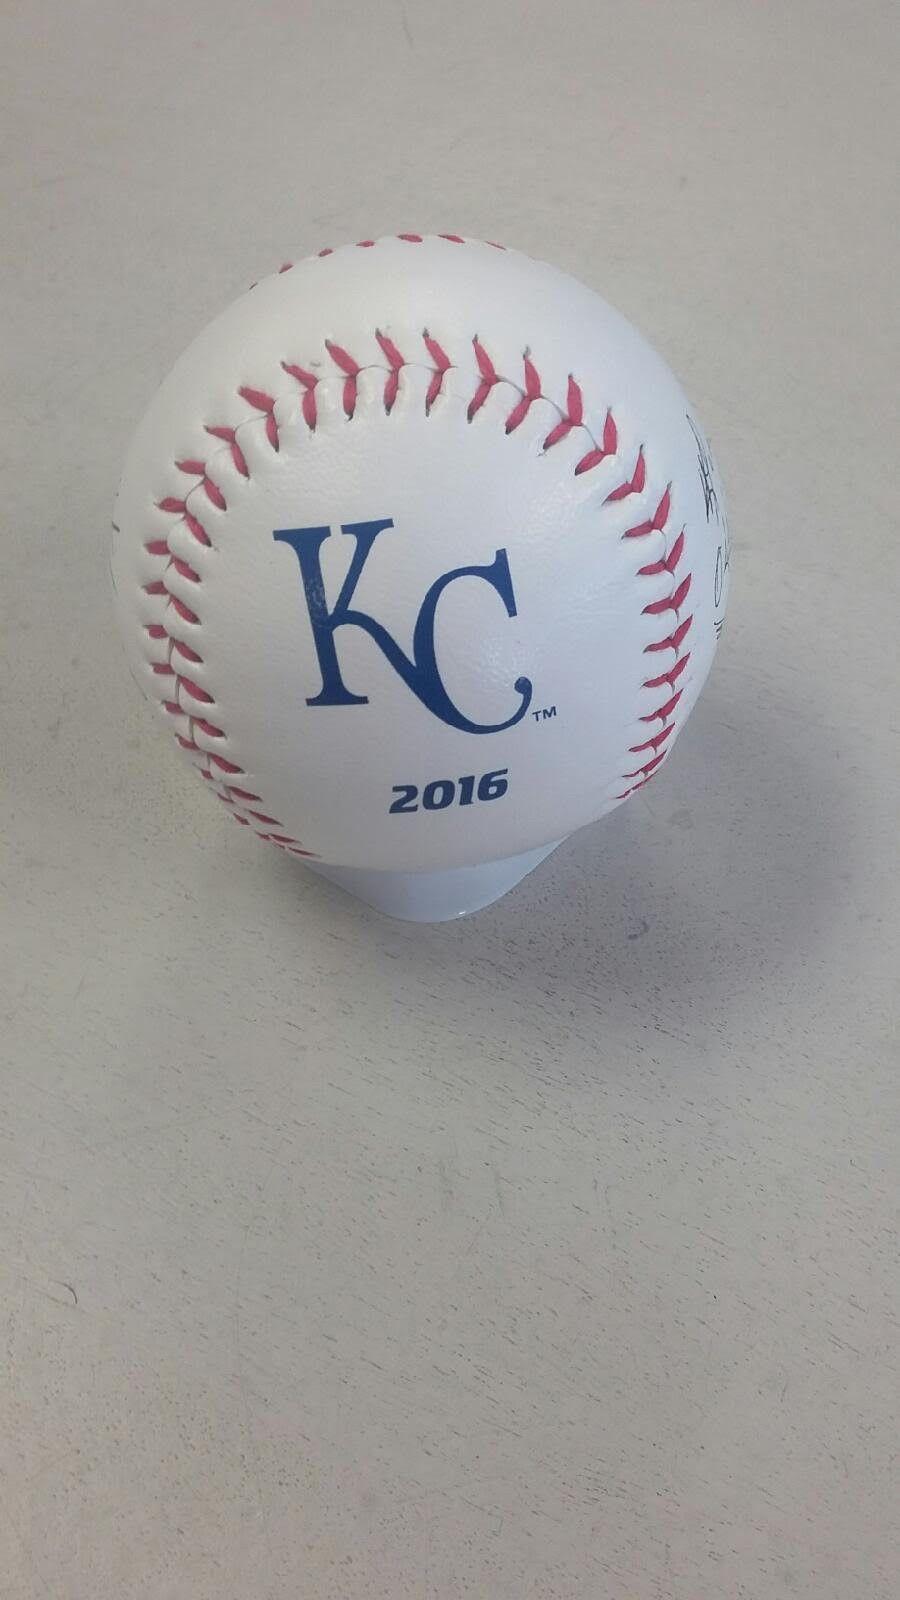 Kansas City Royals 2016 Facsimile Signature Collectible Baseball by Rawlings